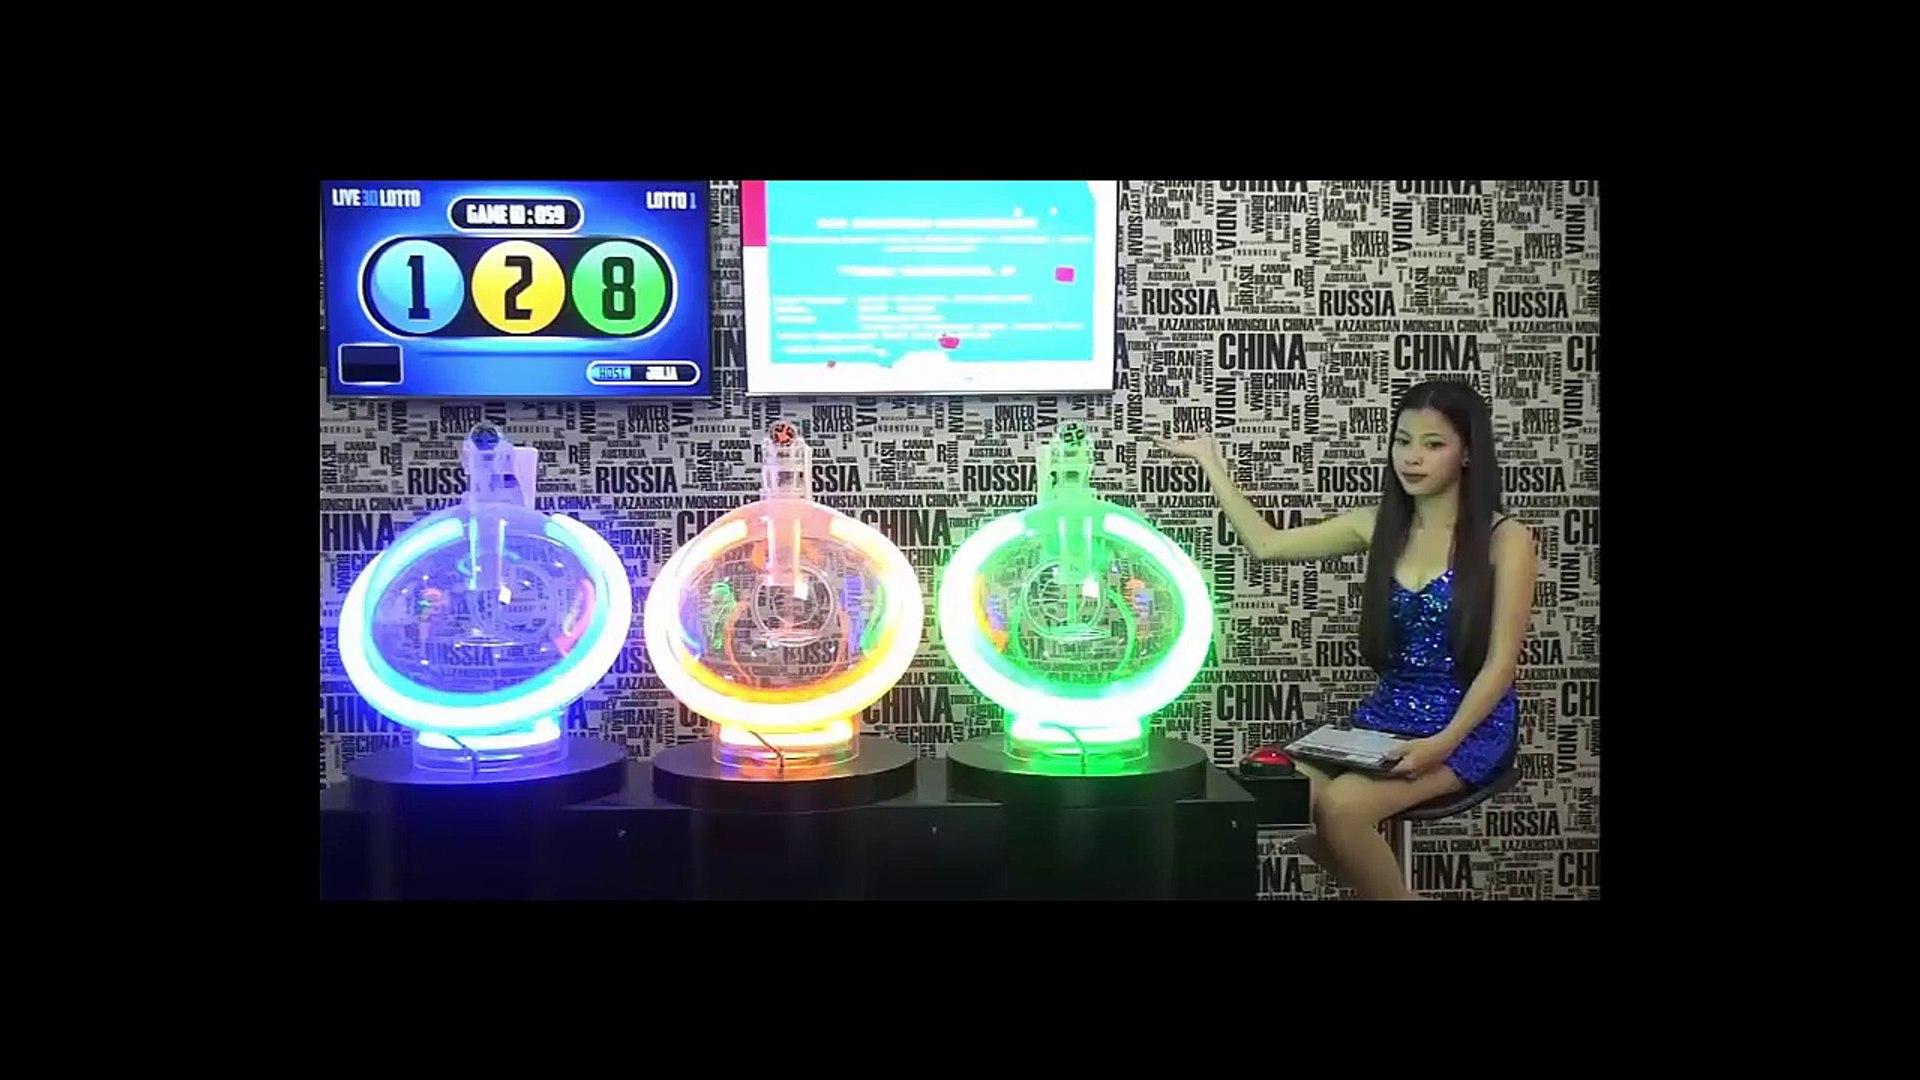 Togel 3D Live Langsung Number Game Indonesia Asli4D.net